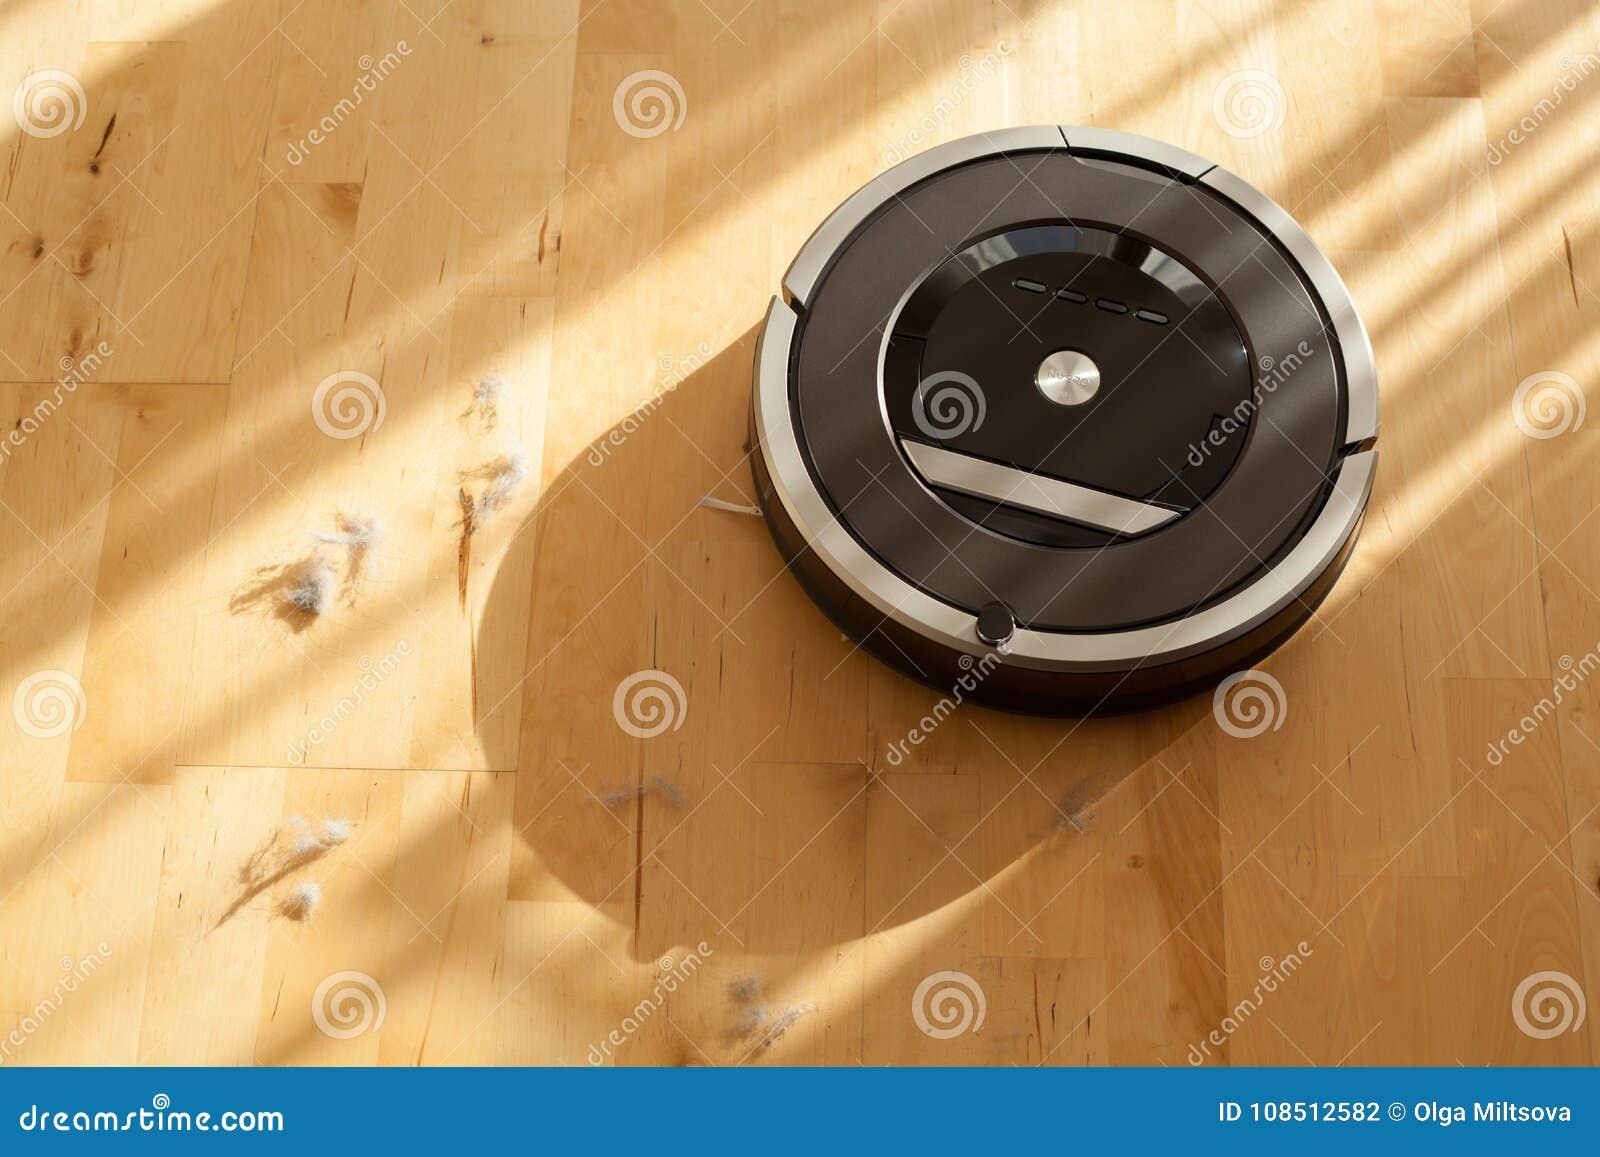 Aspirador robótico en la limpieza elegante del piso de madera laminado técnica